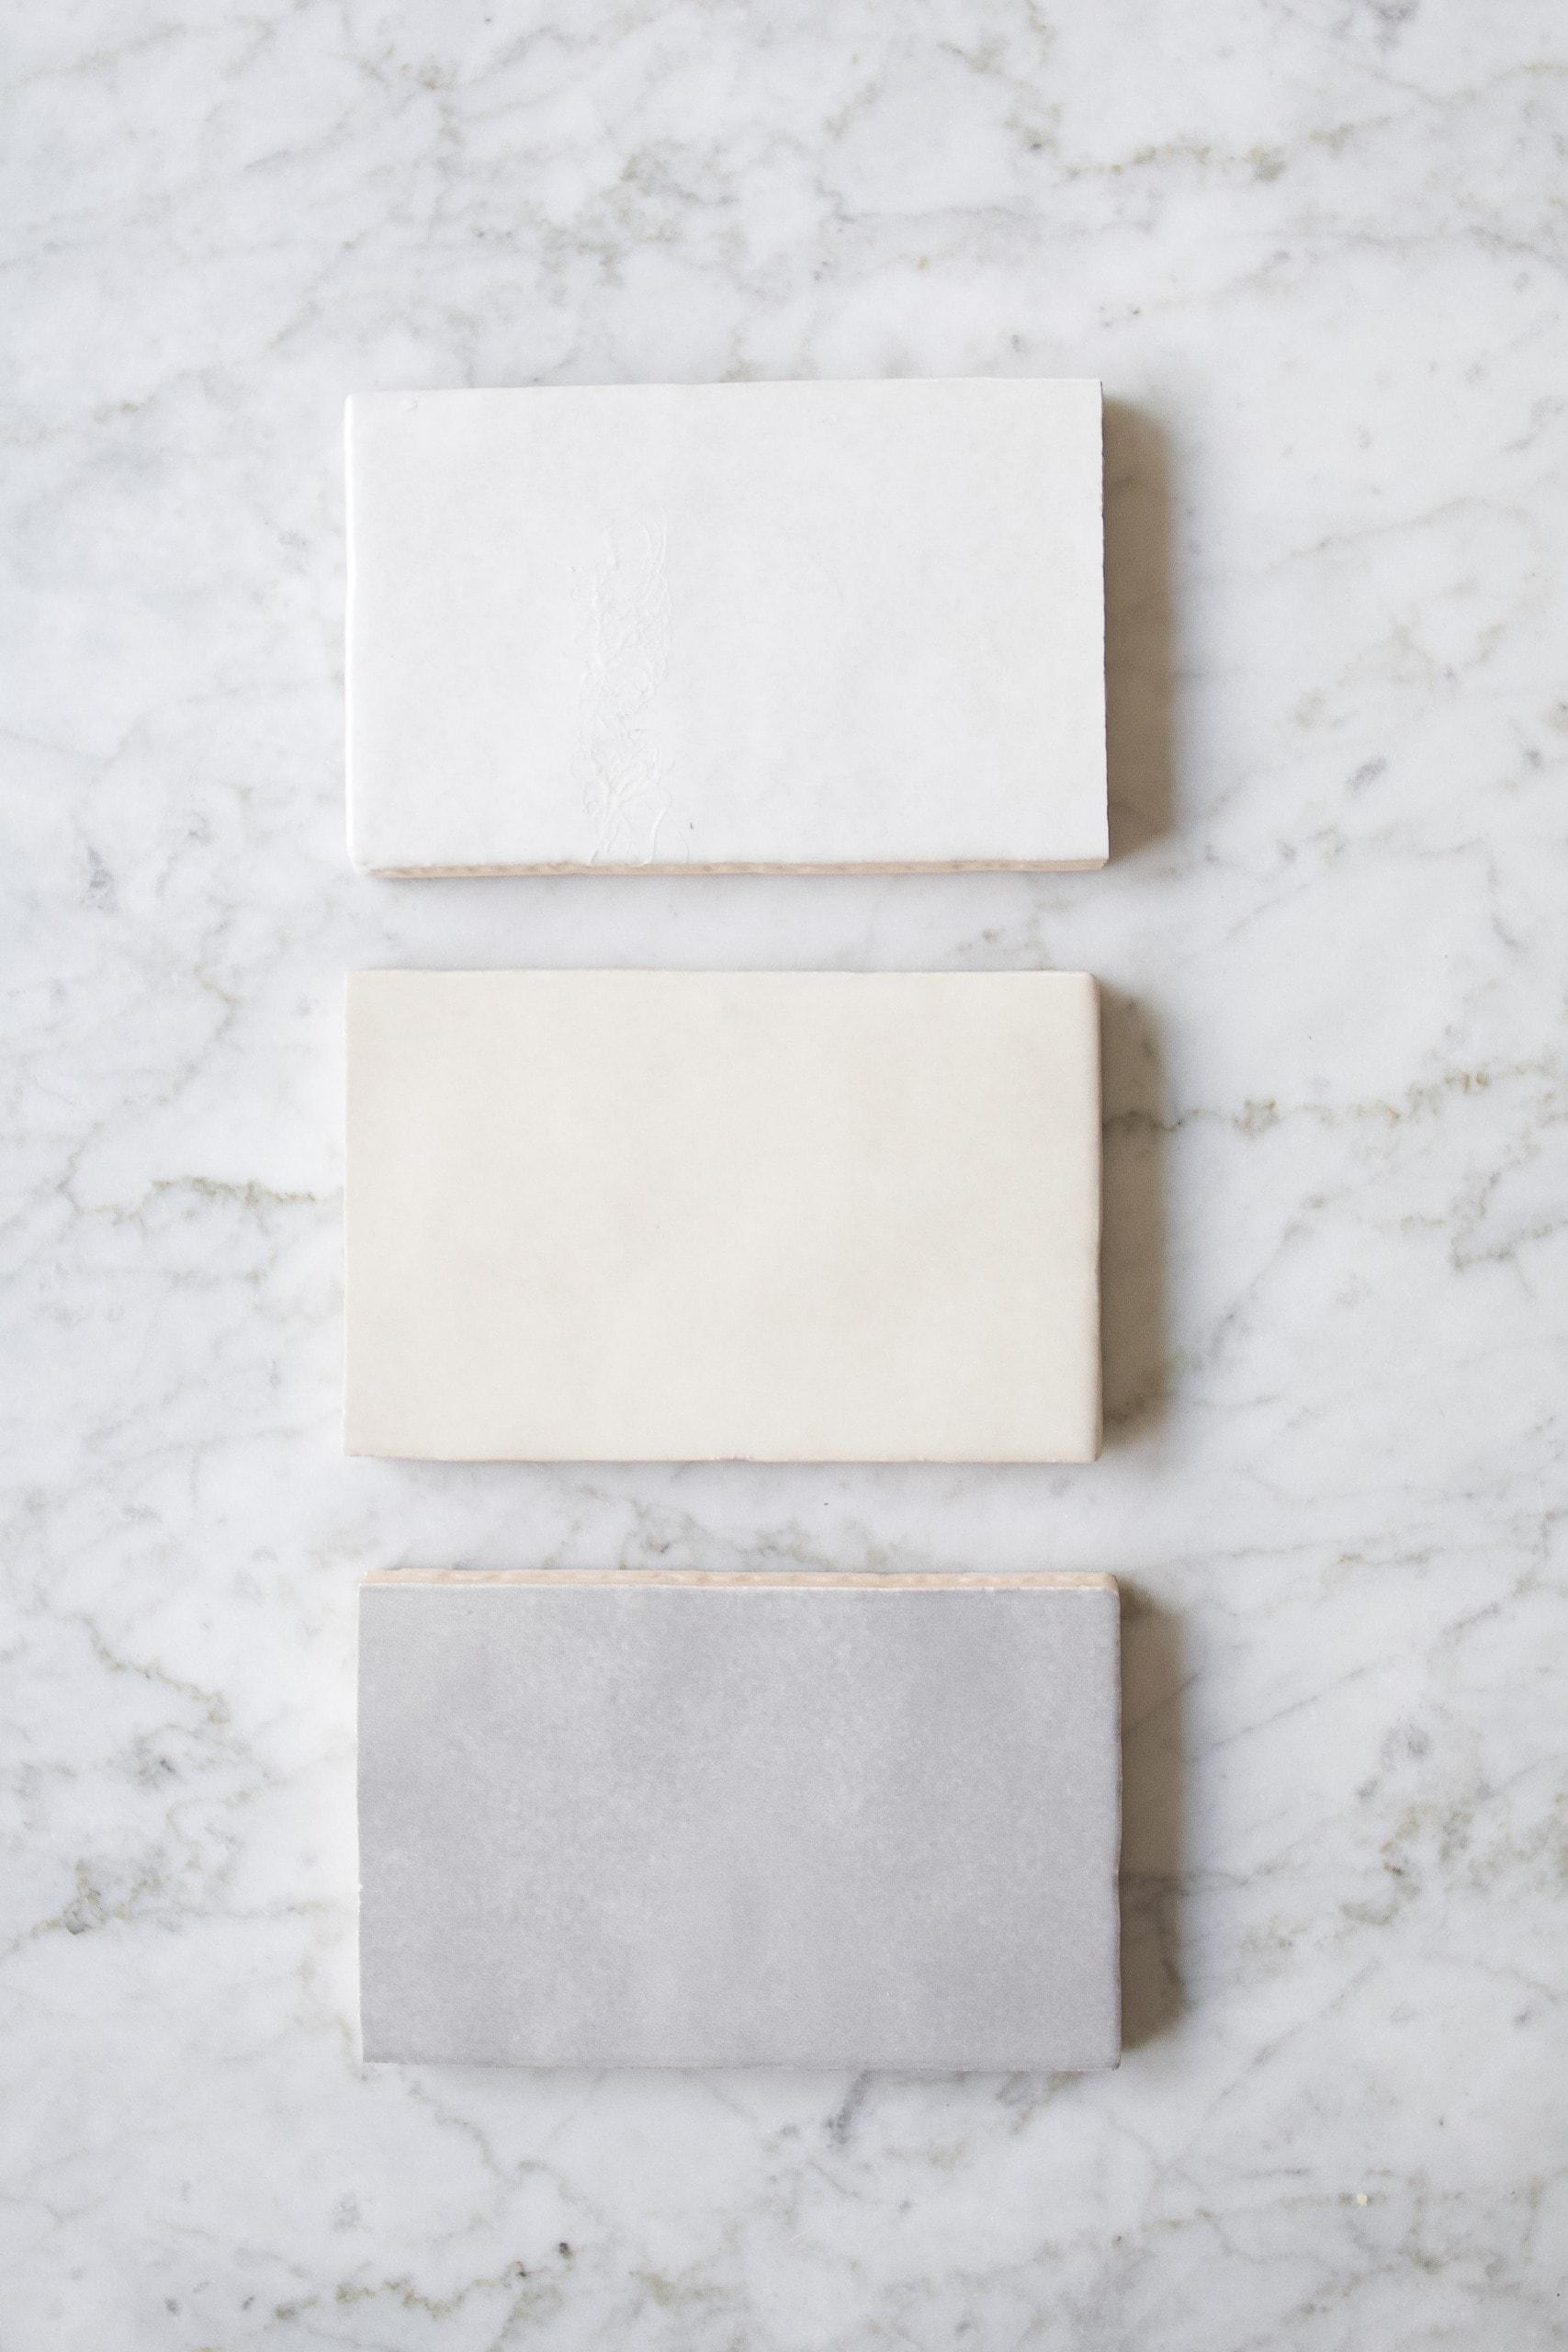 Choosing new shower tile